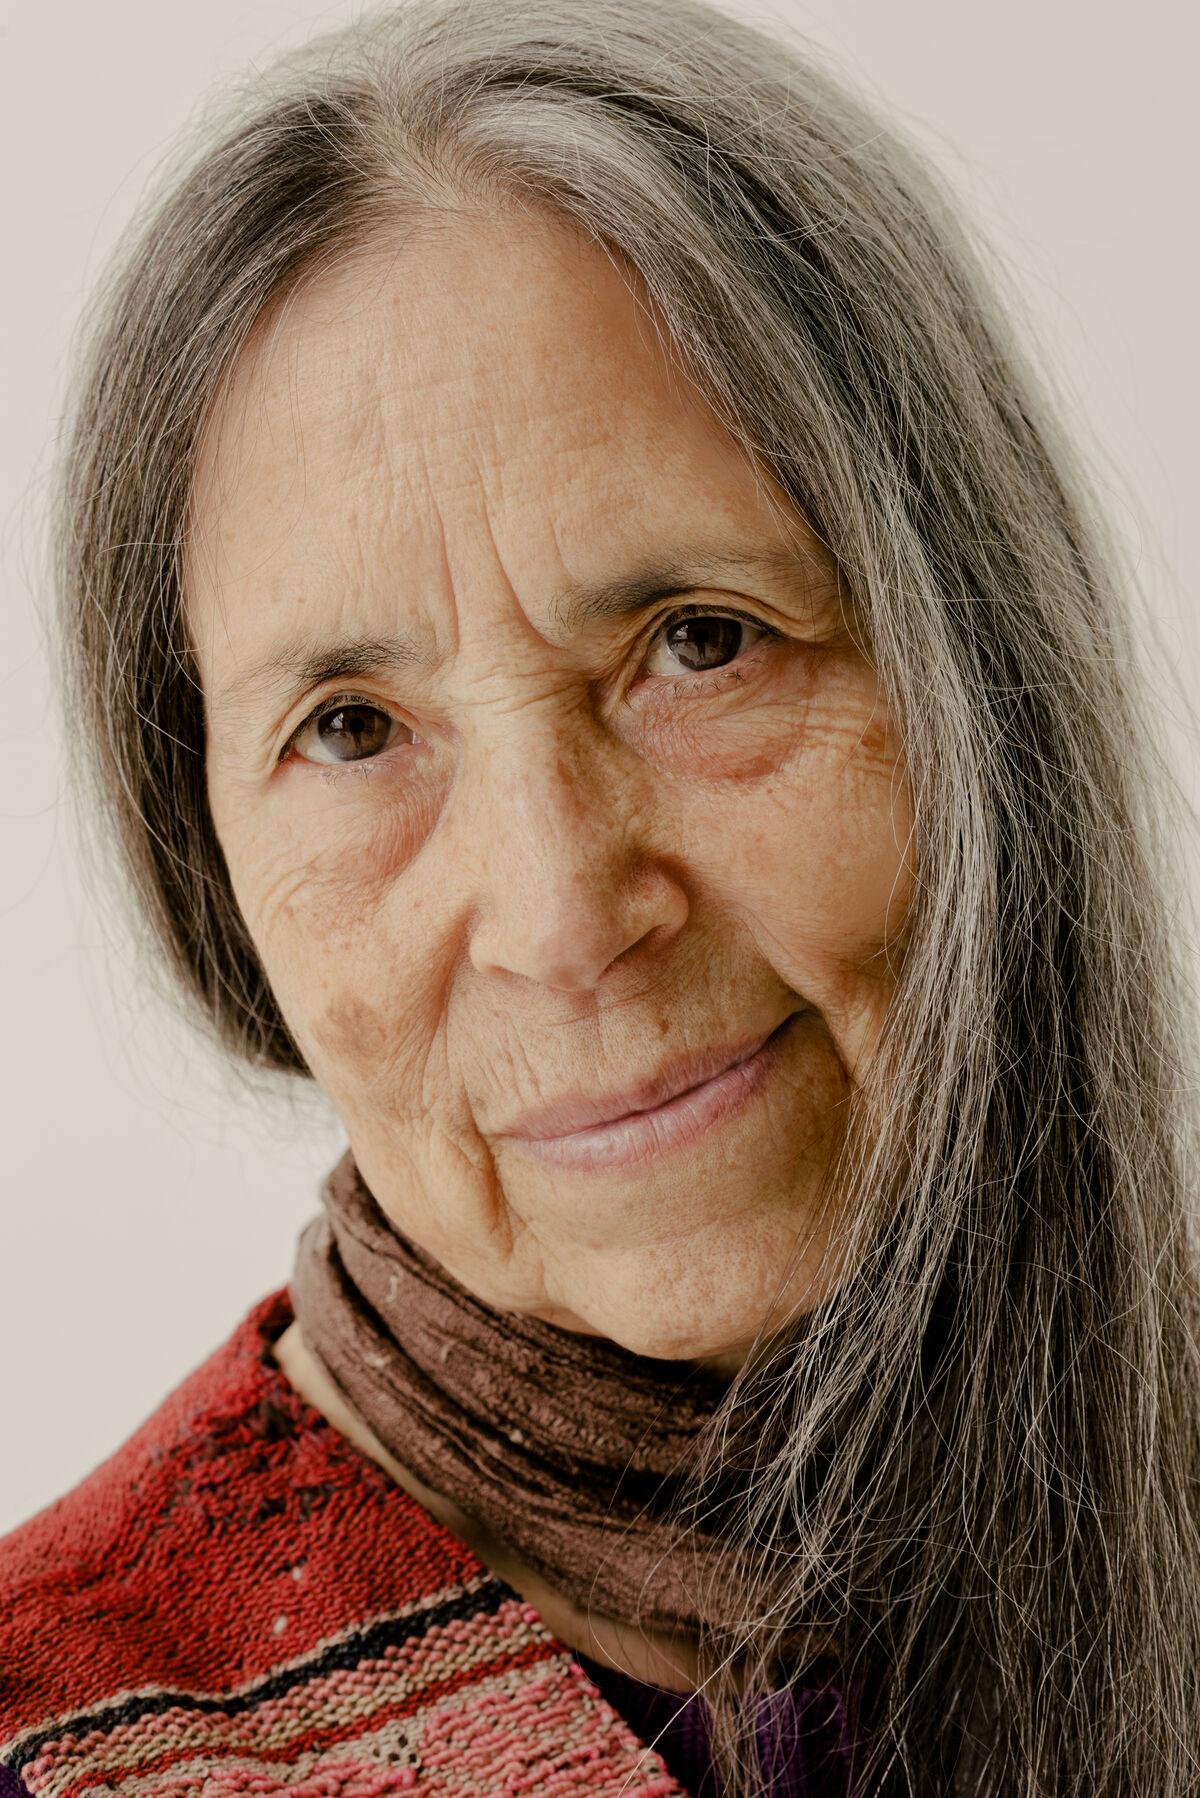 Cecilia Vicuña by Daniel Dorsa for Artsy.